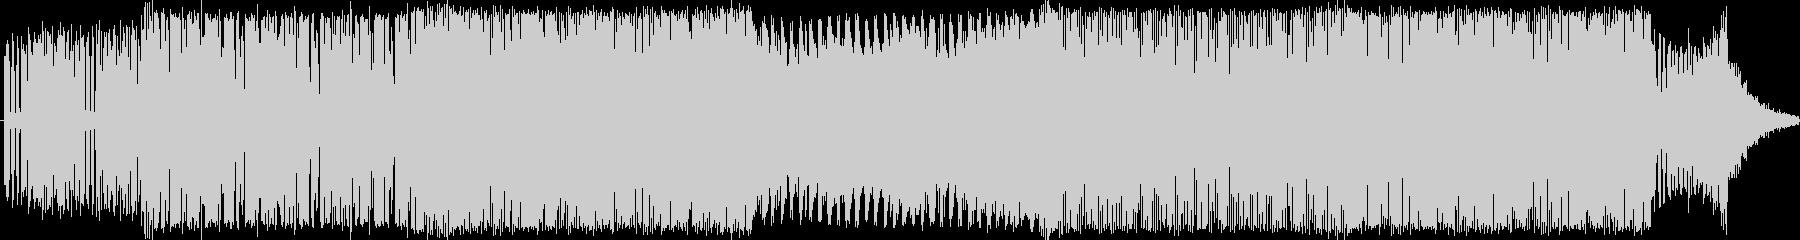 EDMクラブ系ダンスミュージック_2の未再生の波形